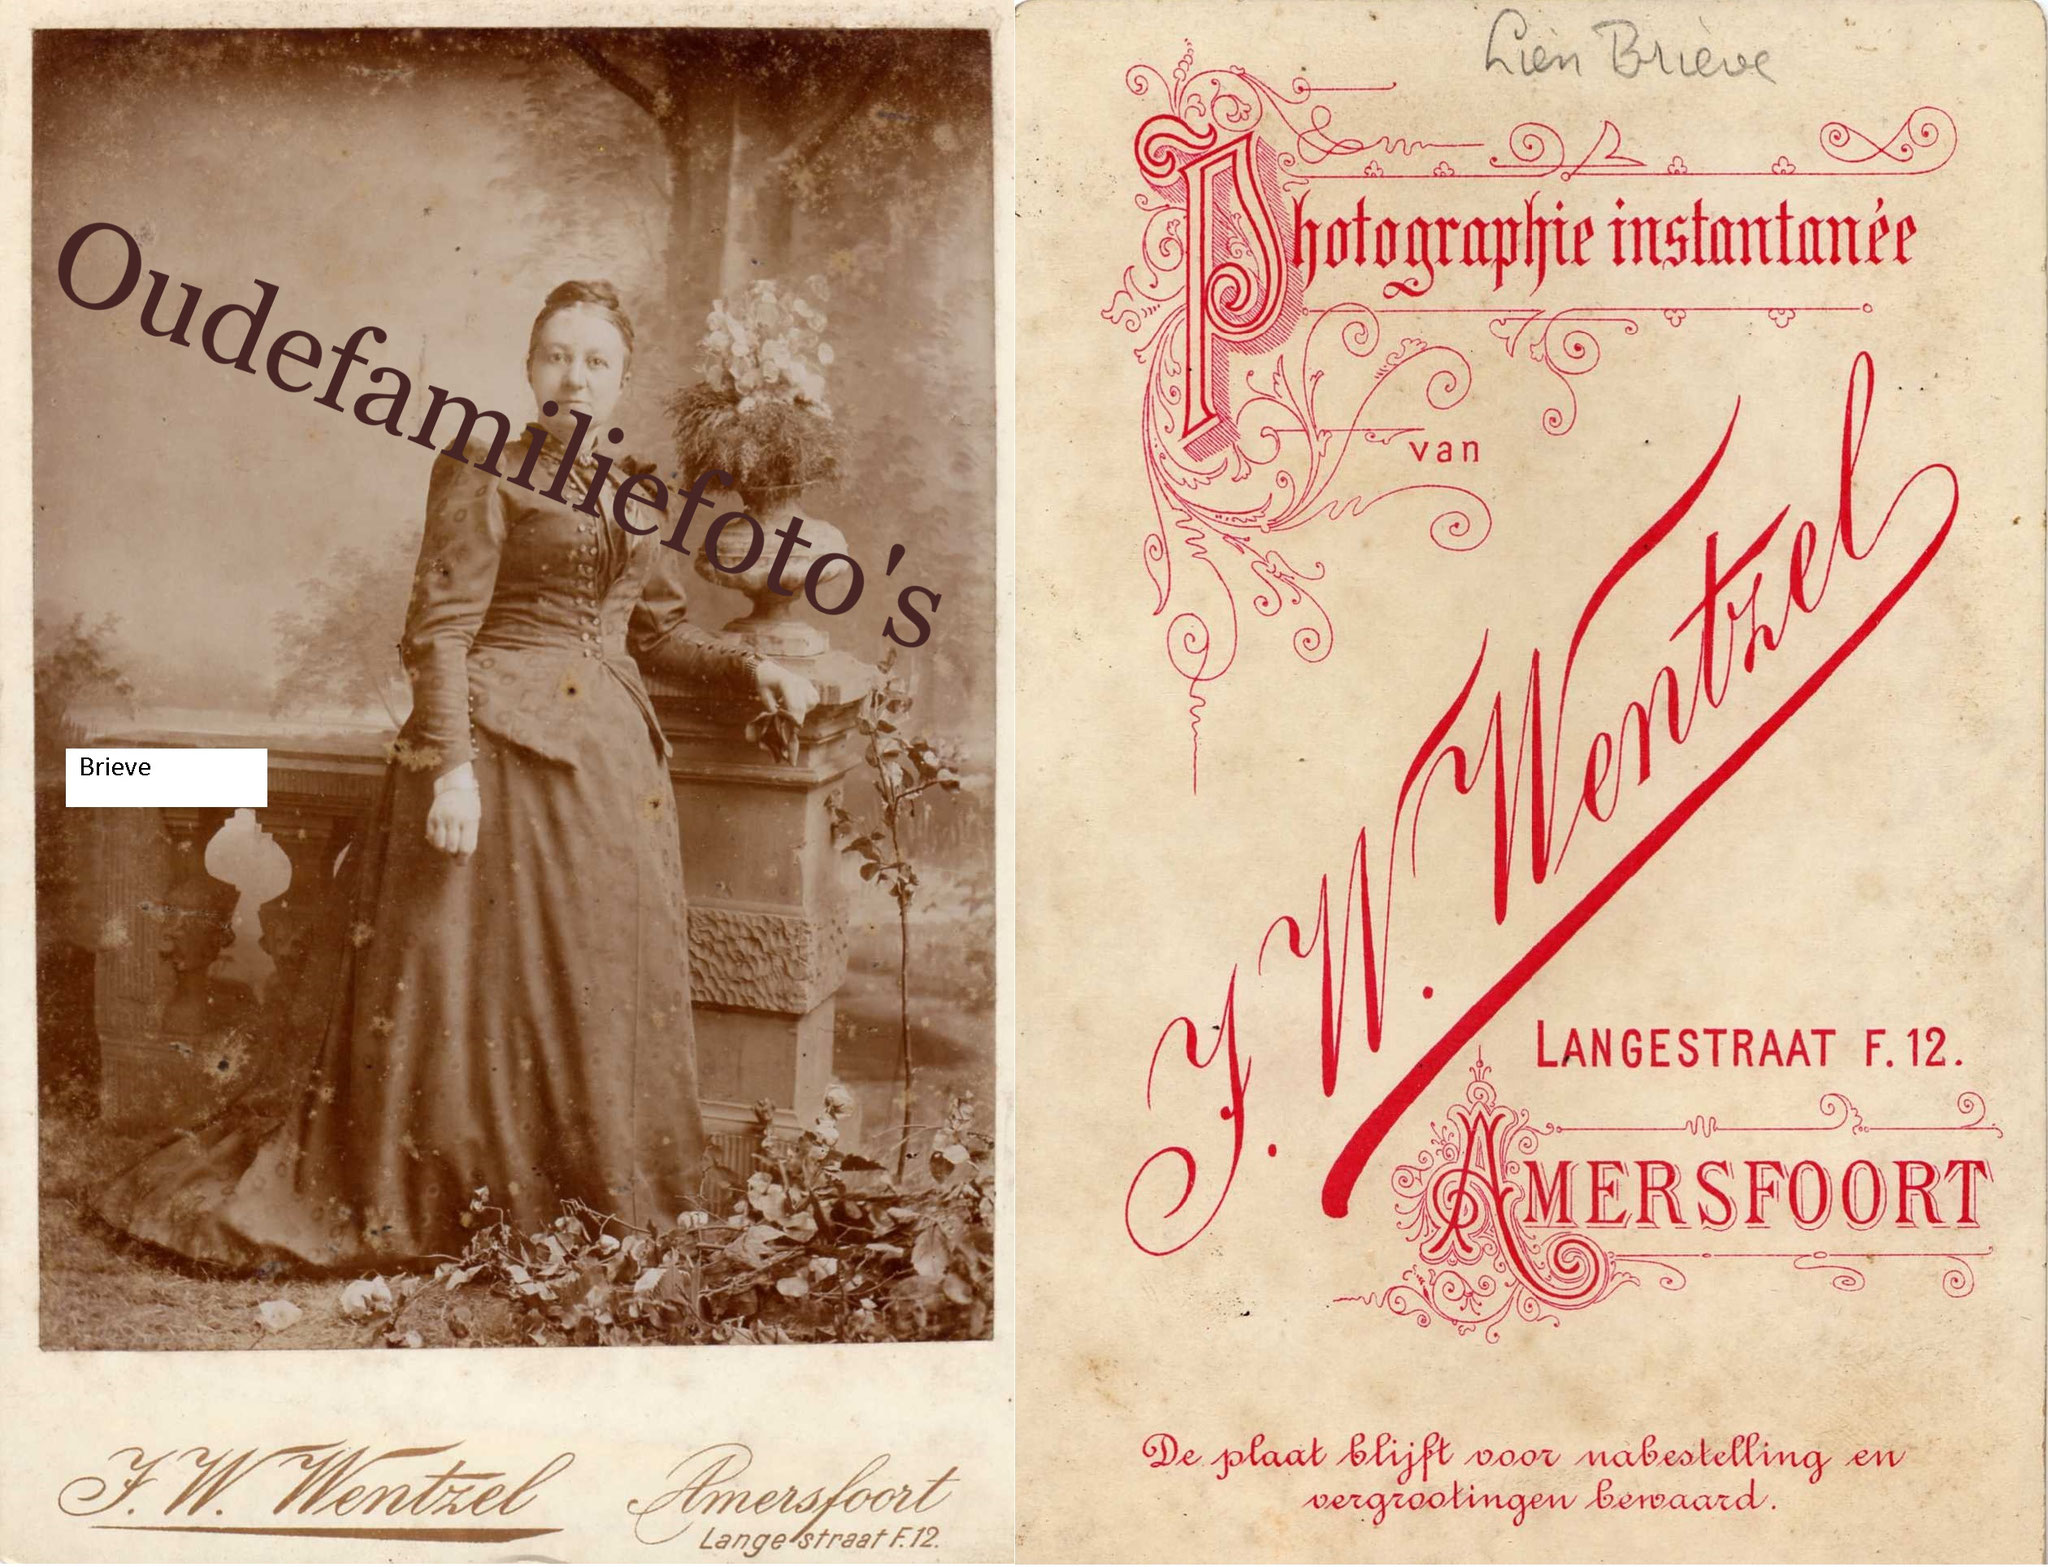 Brieve, Engelina Johanna. Geb. 26-12-1843 Middelburg Ovl. 6-9-1918 Middelburg € 4,00